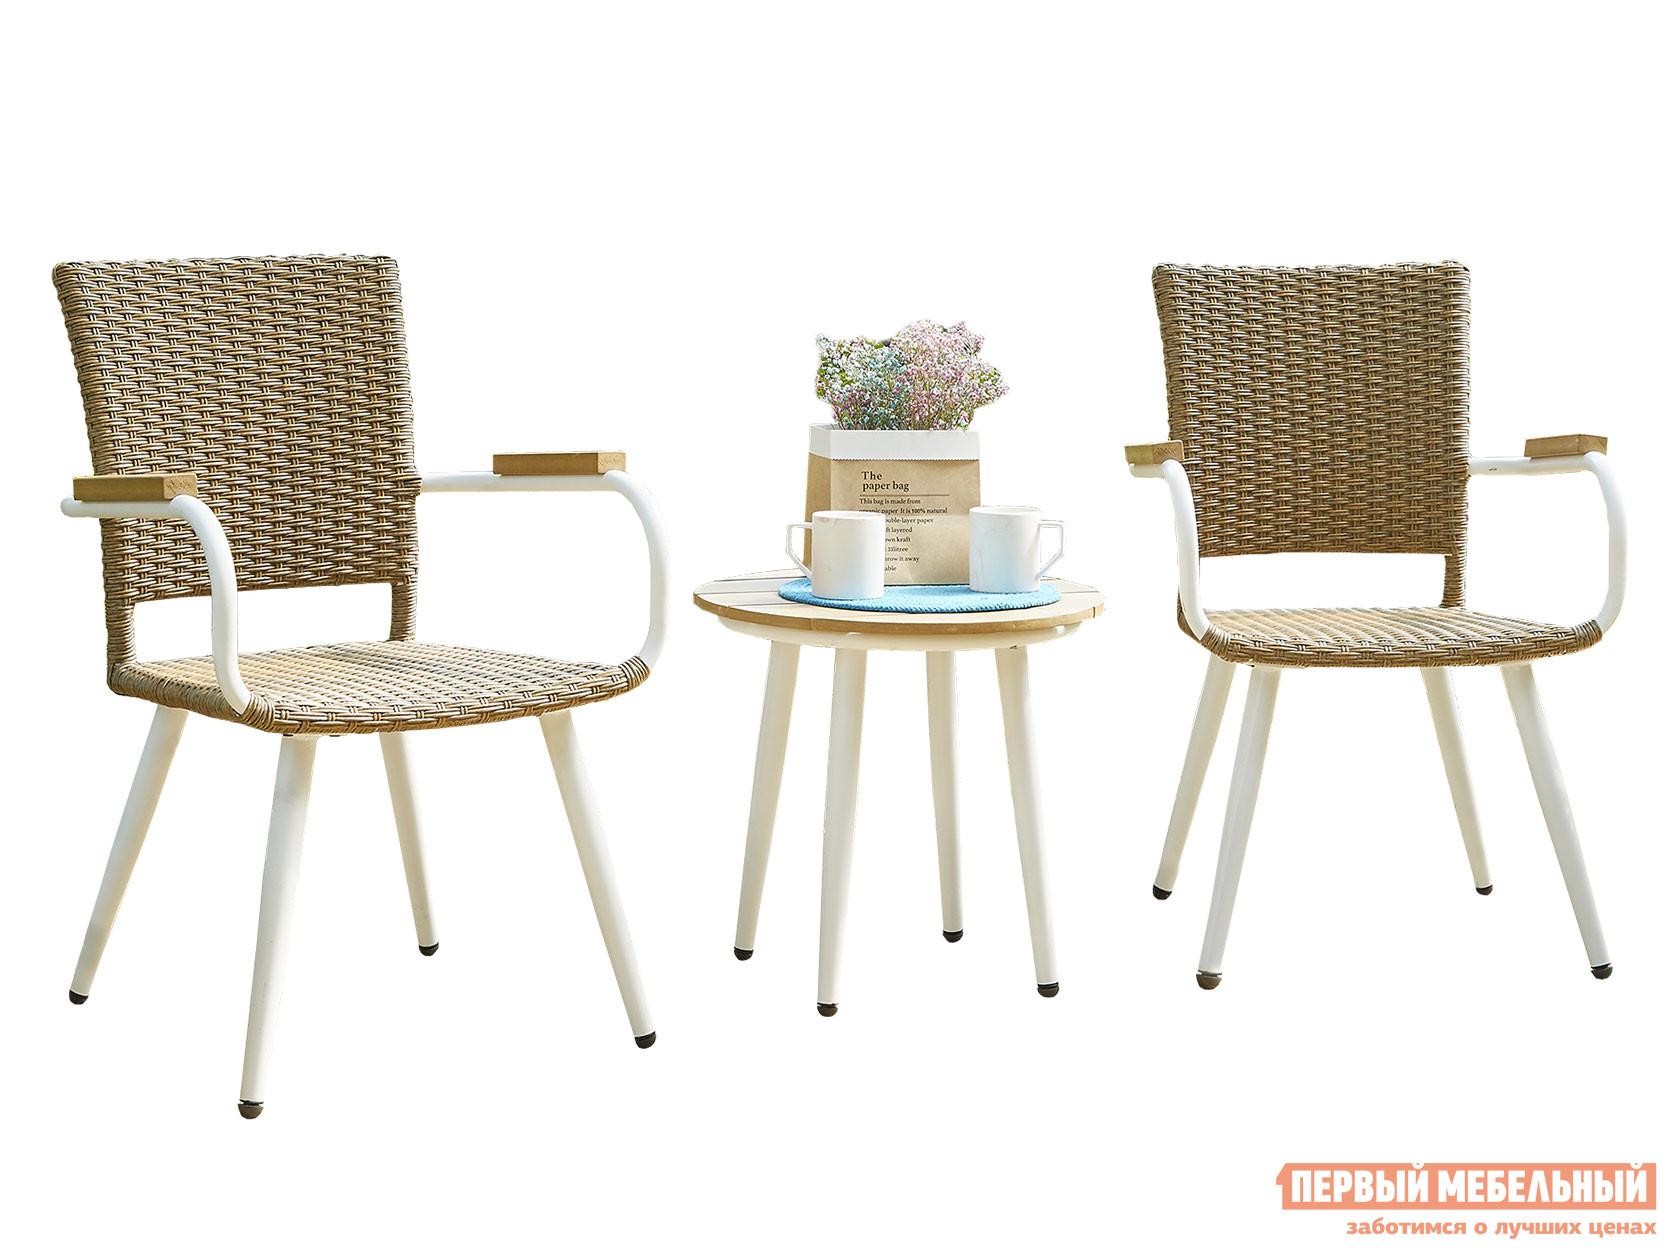 Фото - Комплект садовой мебели ЭкоДизайн Комплект кофейный 210487 комплект садовой мебели бел мебельторг набор мебели сан ремо мини